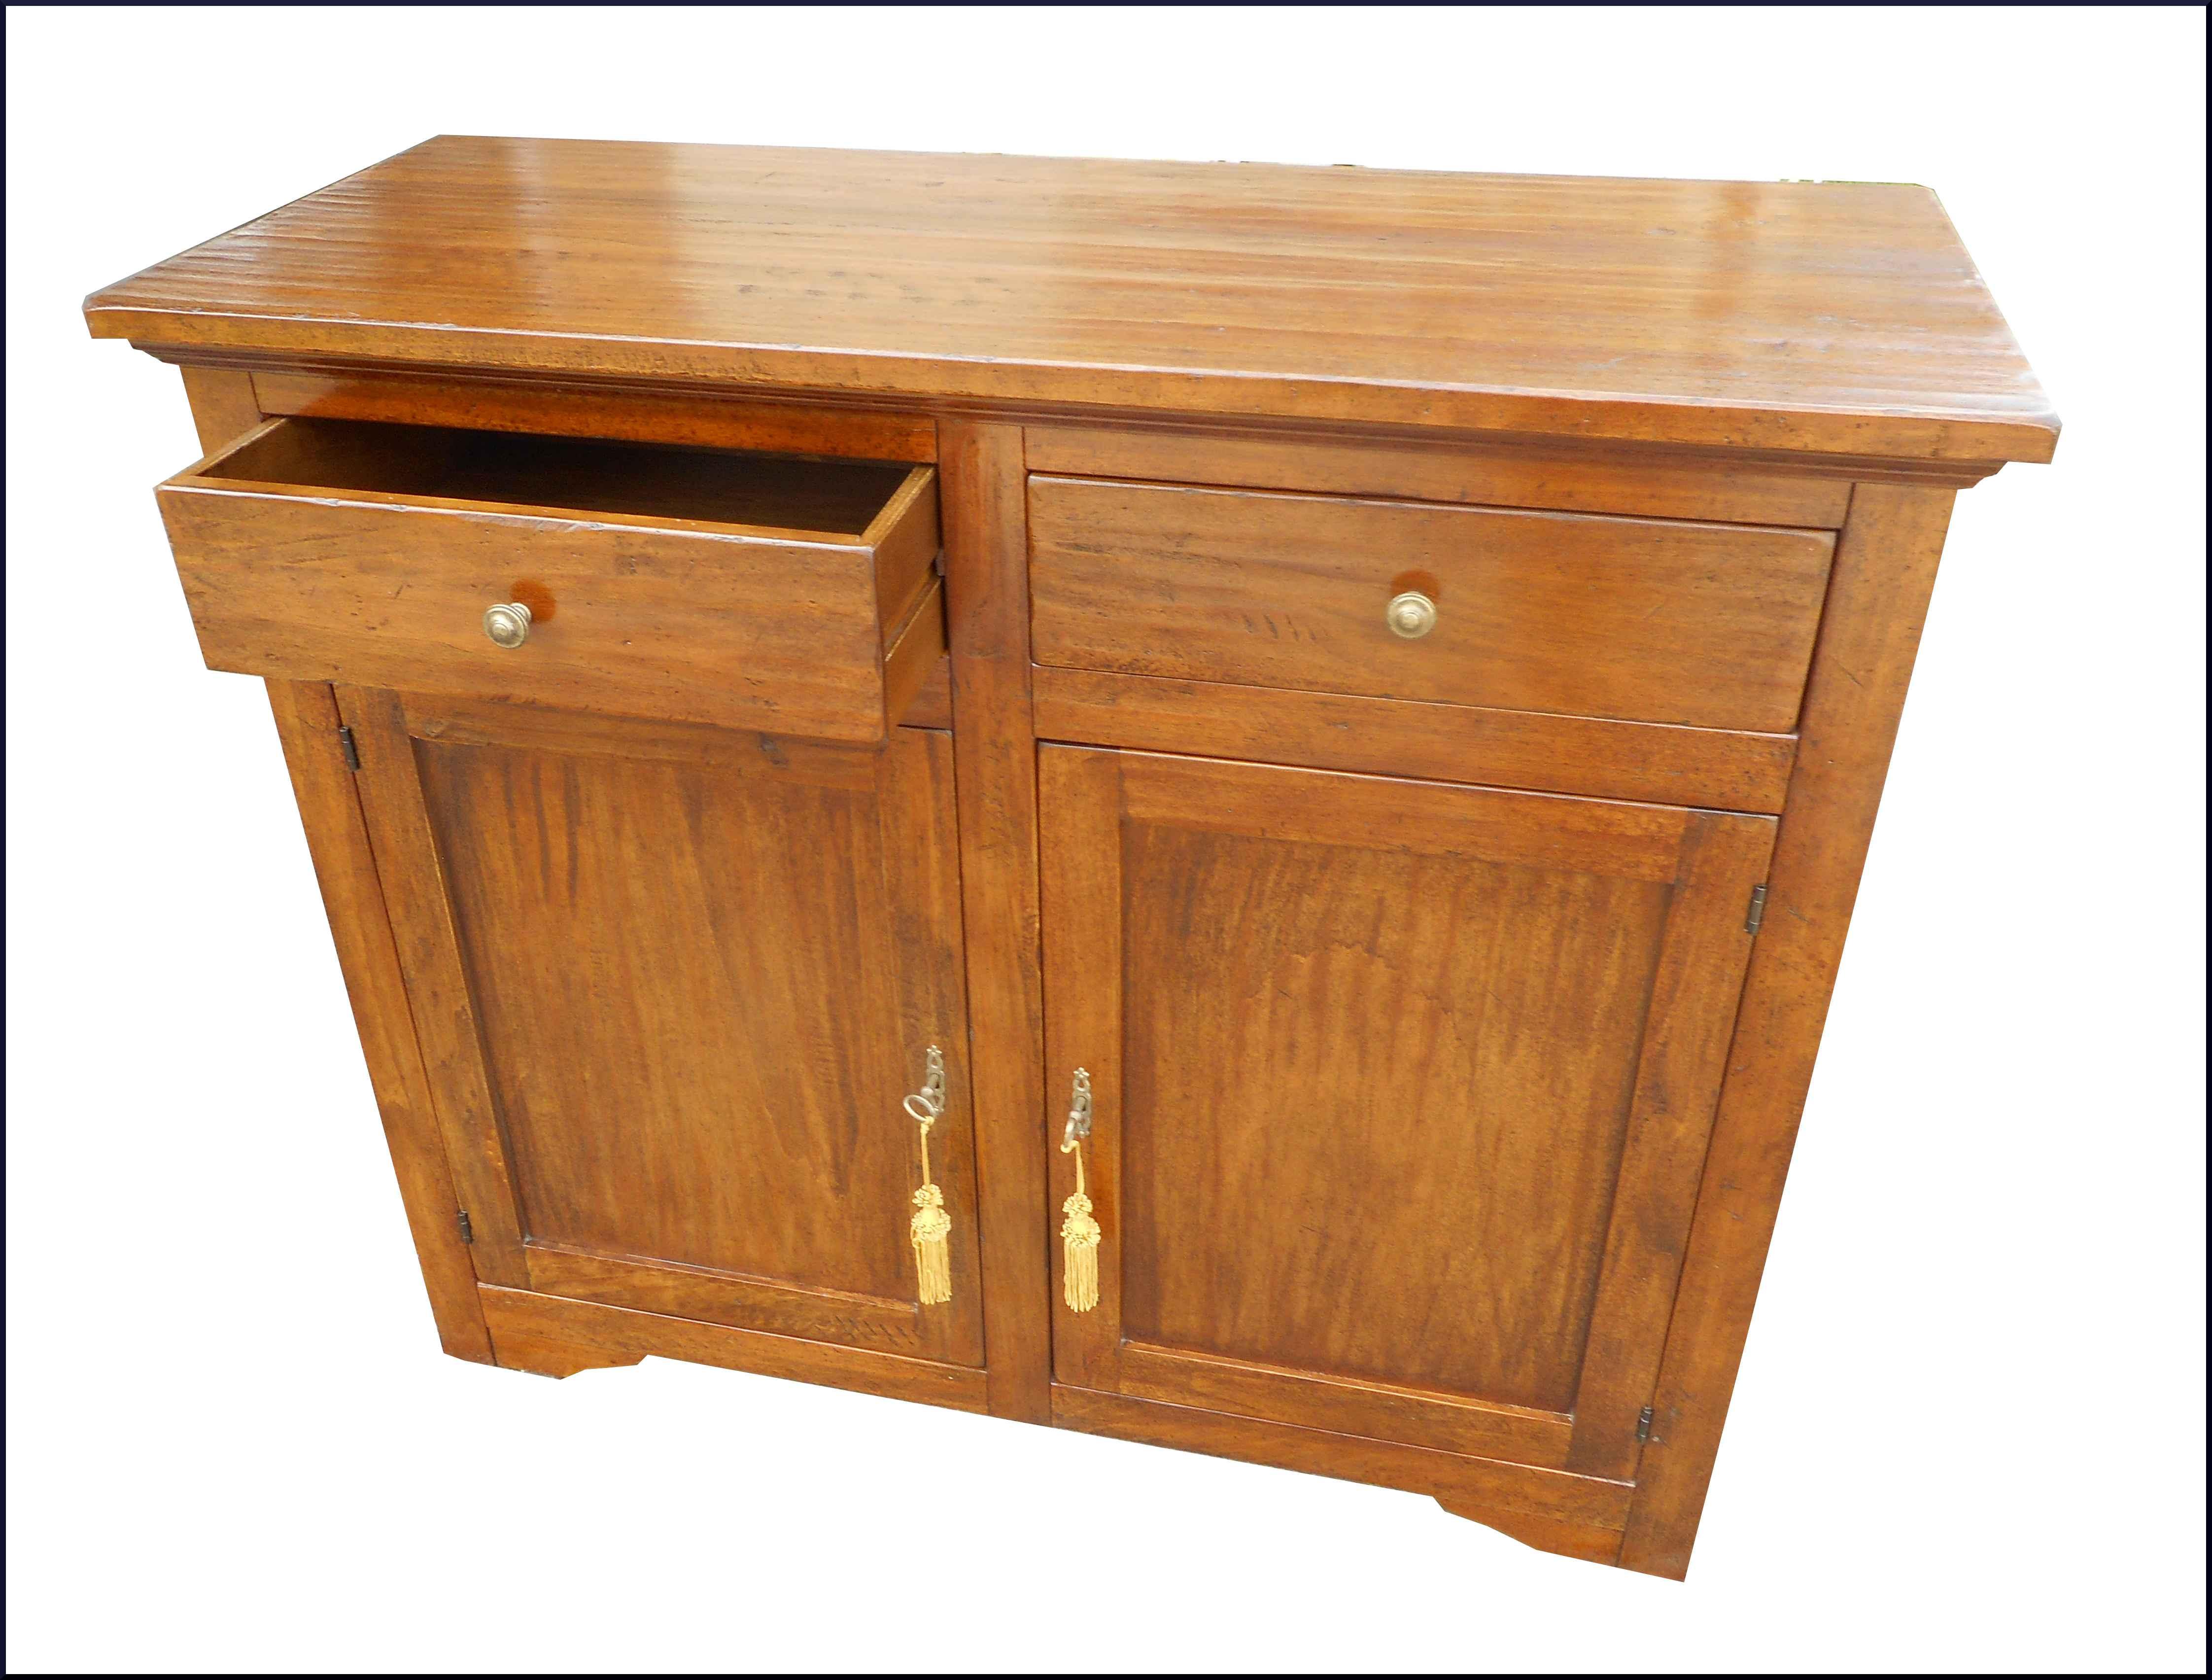 Credenza Bassa Rustica : Particolare credenza rustica in legno piallato e invecchiato con